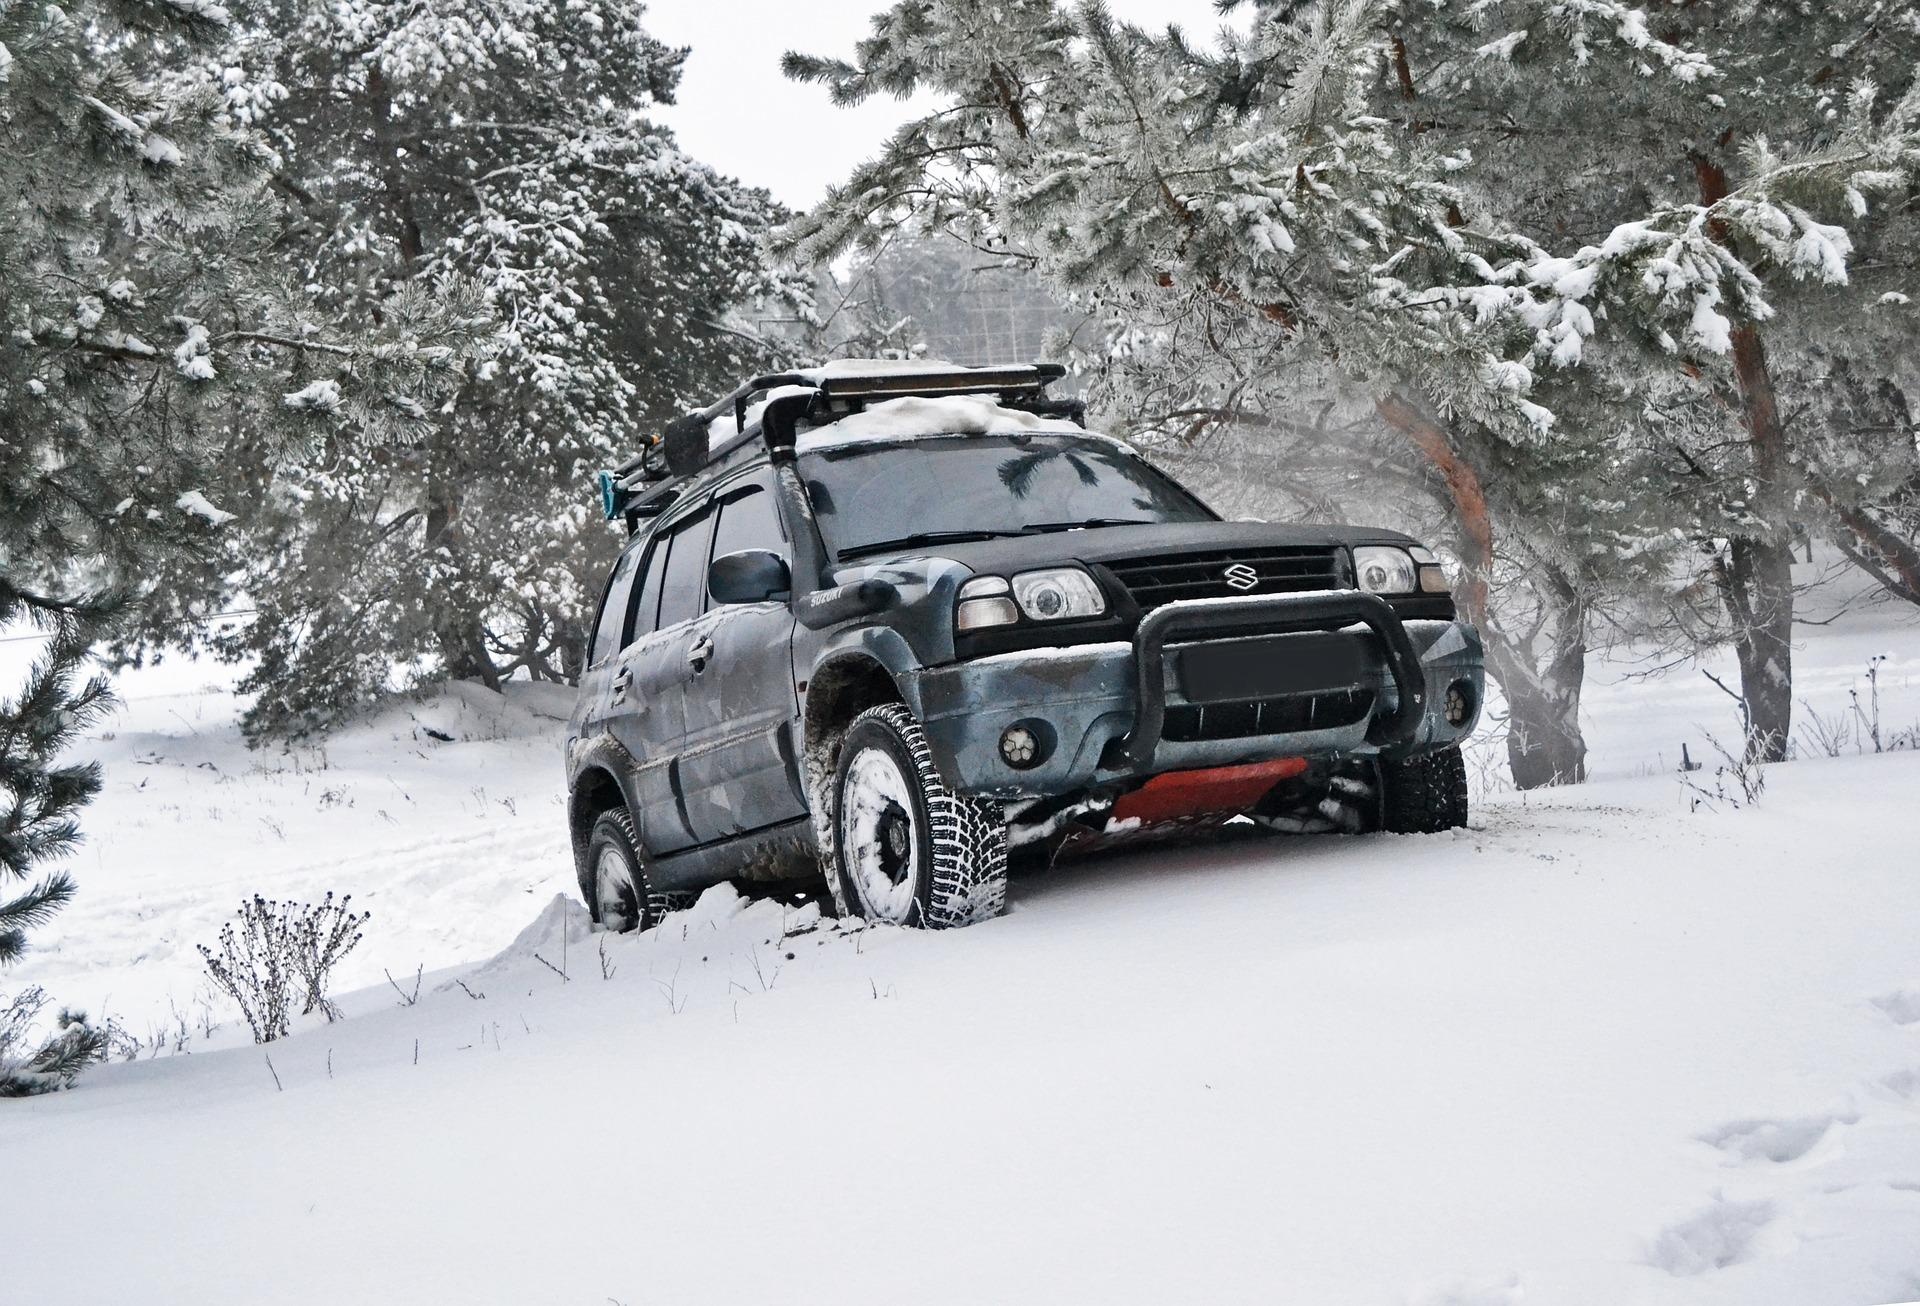 Privátní kurzy řízení na sněhu a ledu